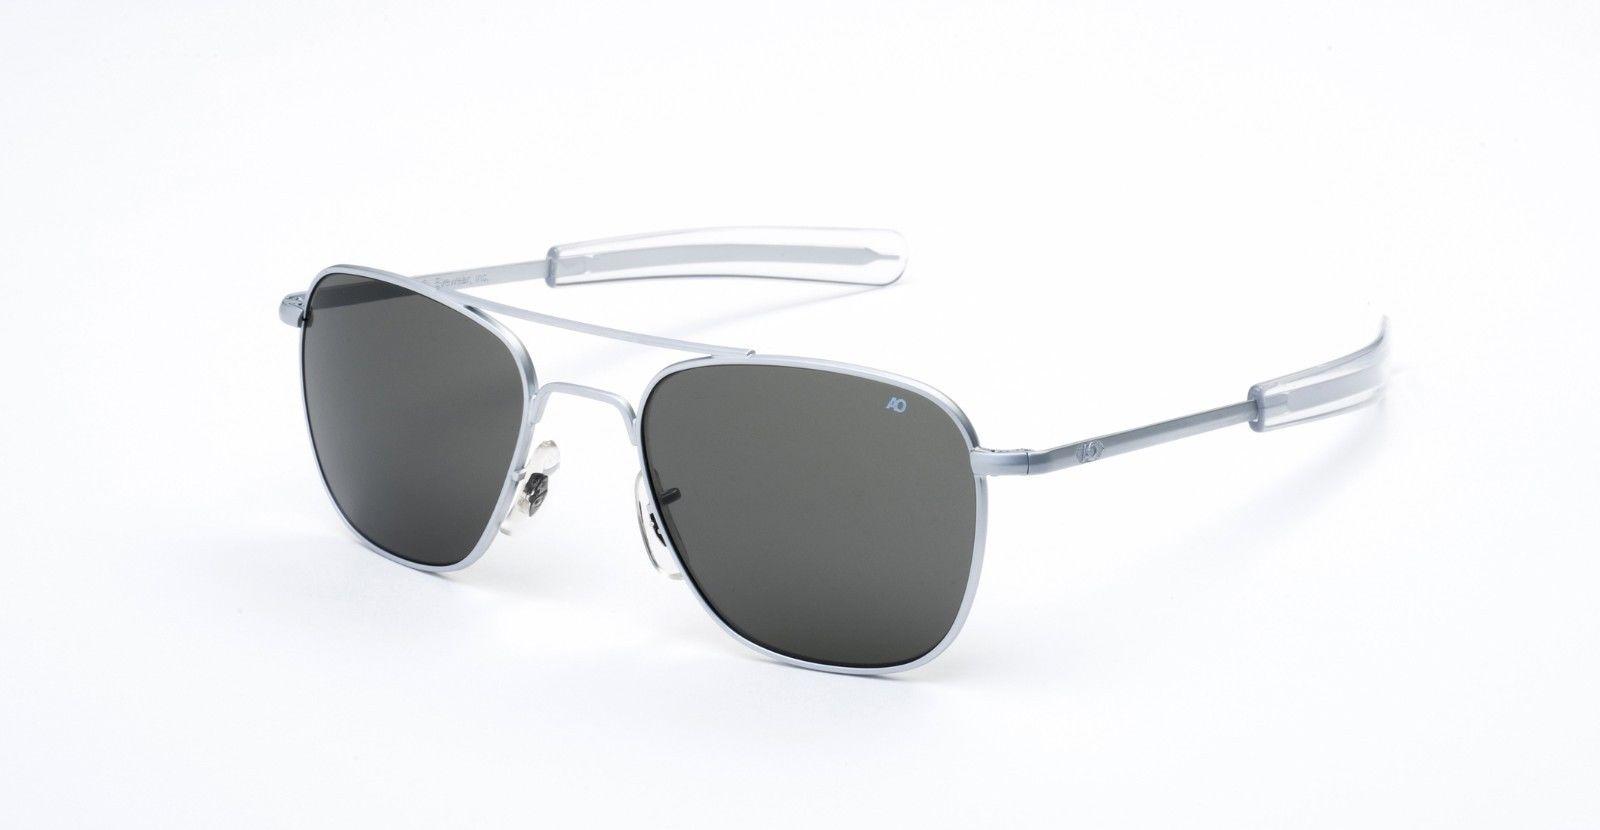 AO American Optical Original Pilot Matte Chrome - Made in USA